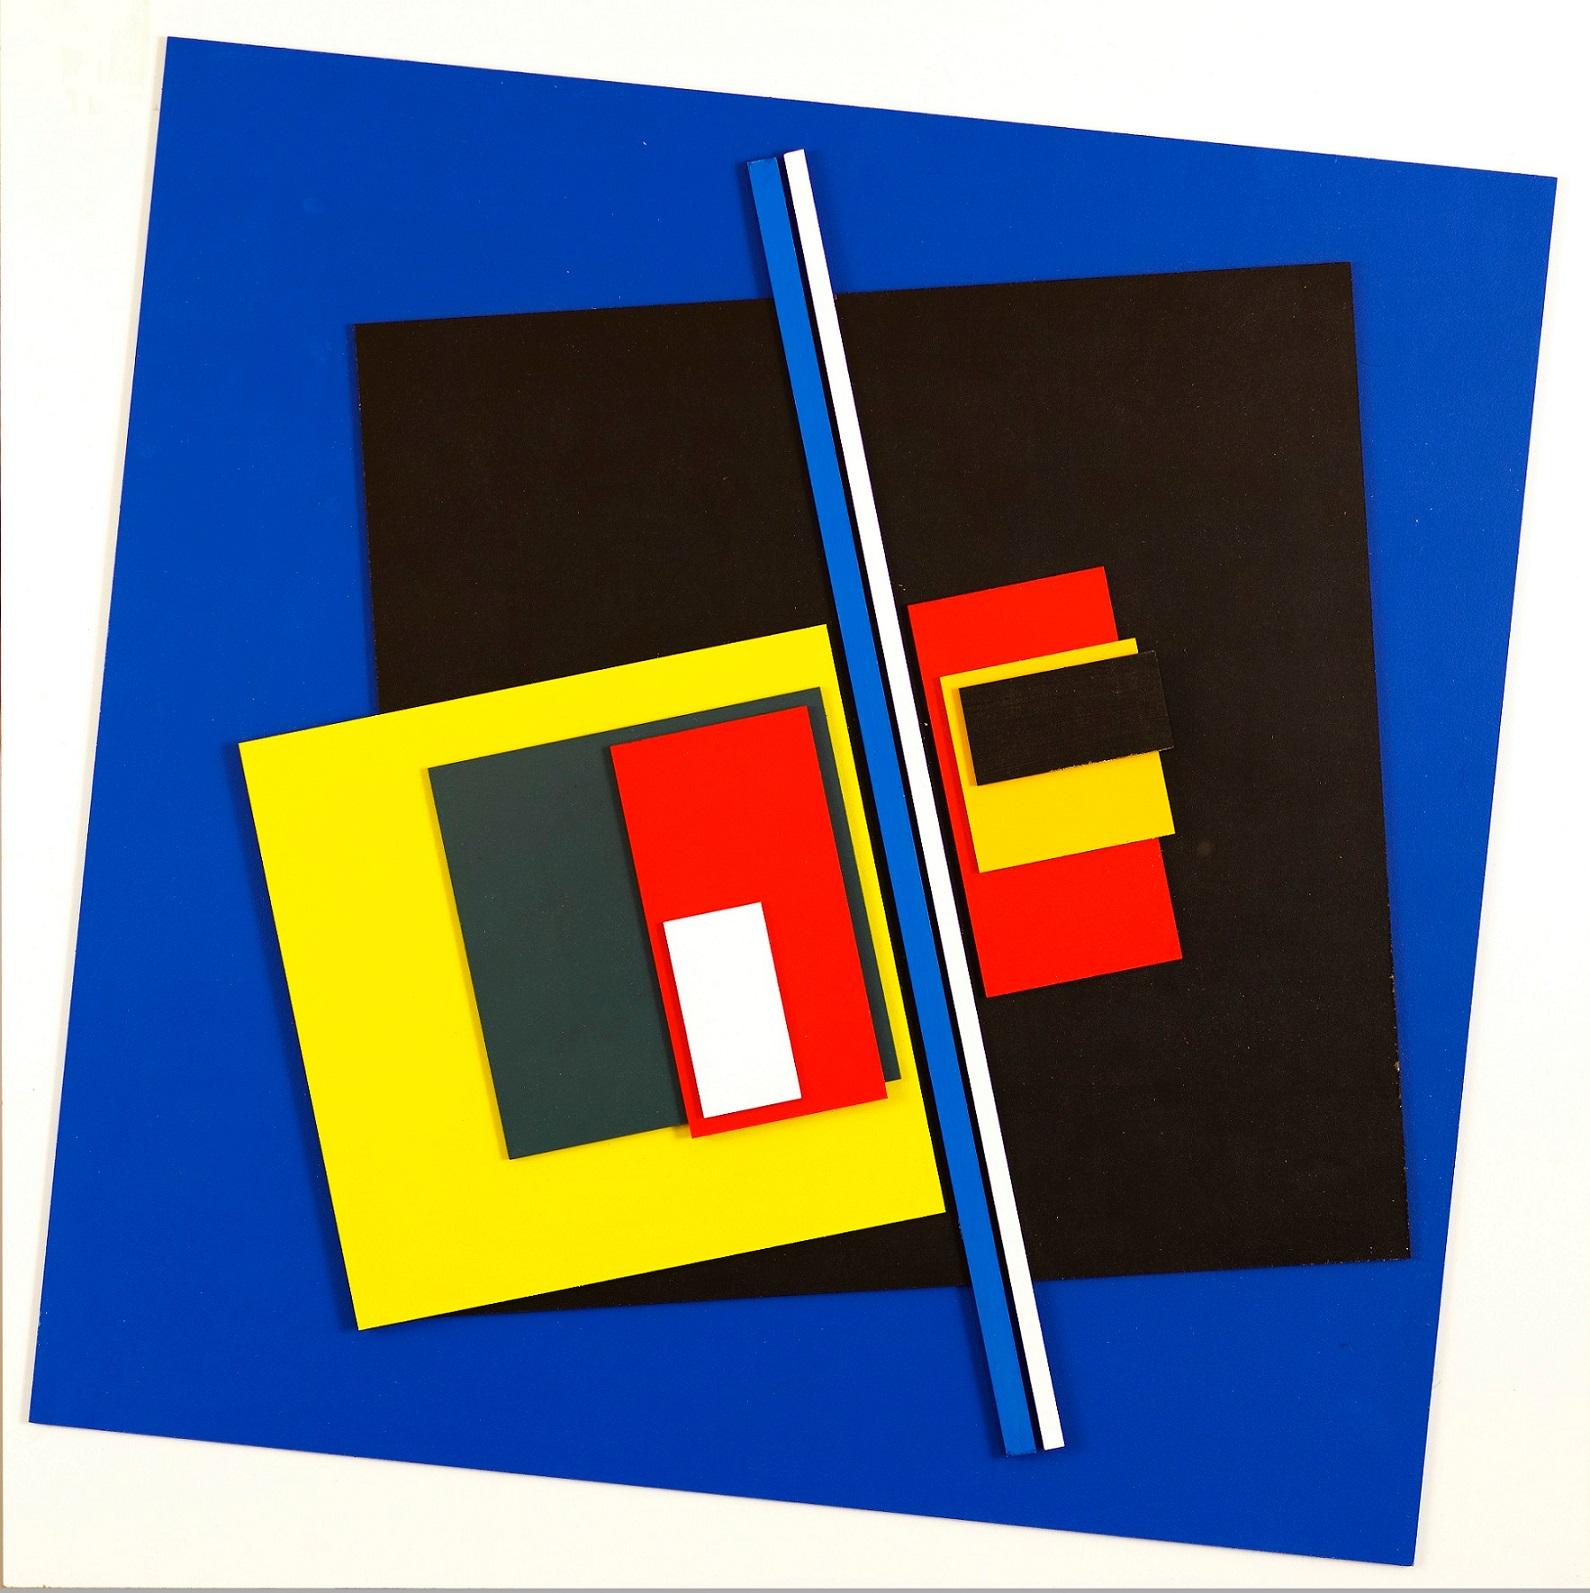 L'Angolo di Marta Lock: Renzo Eusebi, geometrie a tinte forti per ricercare l'equilibrio della vita